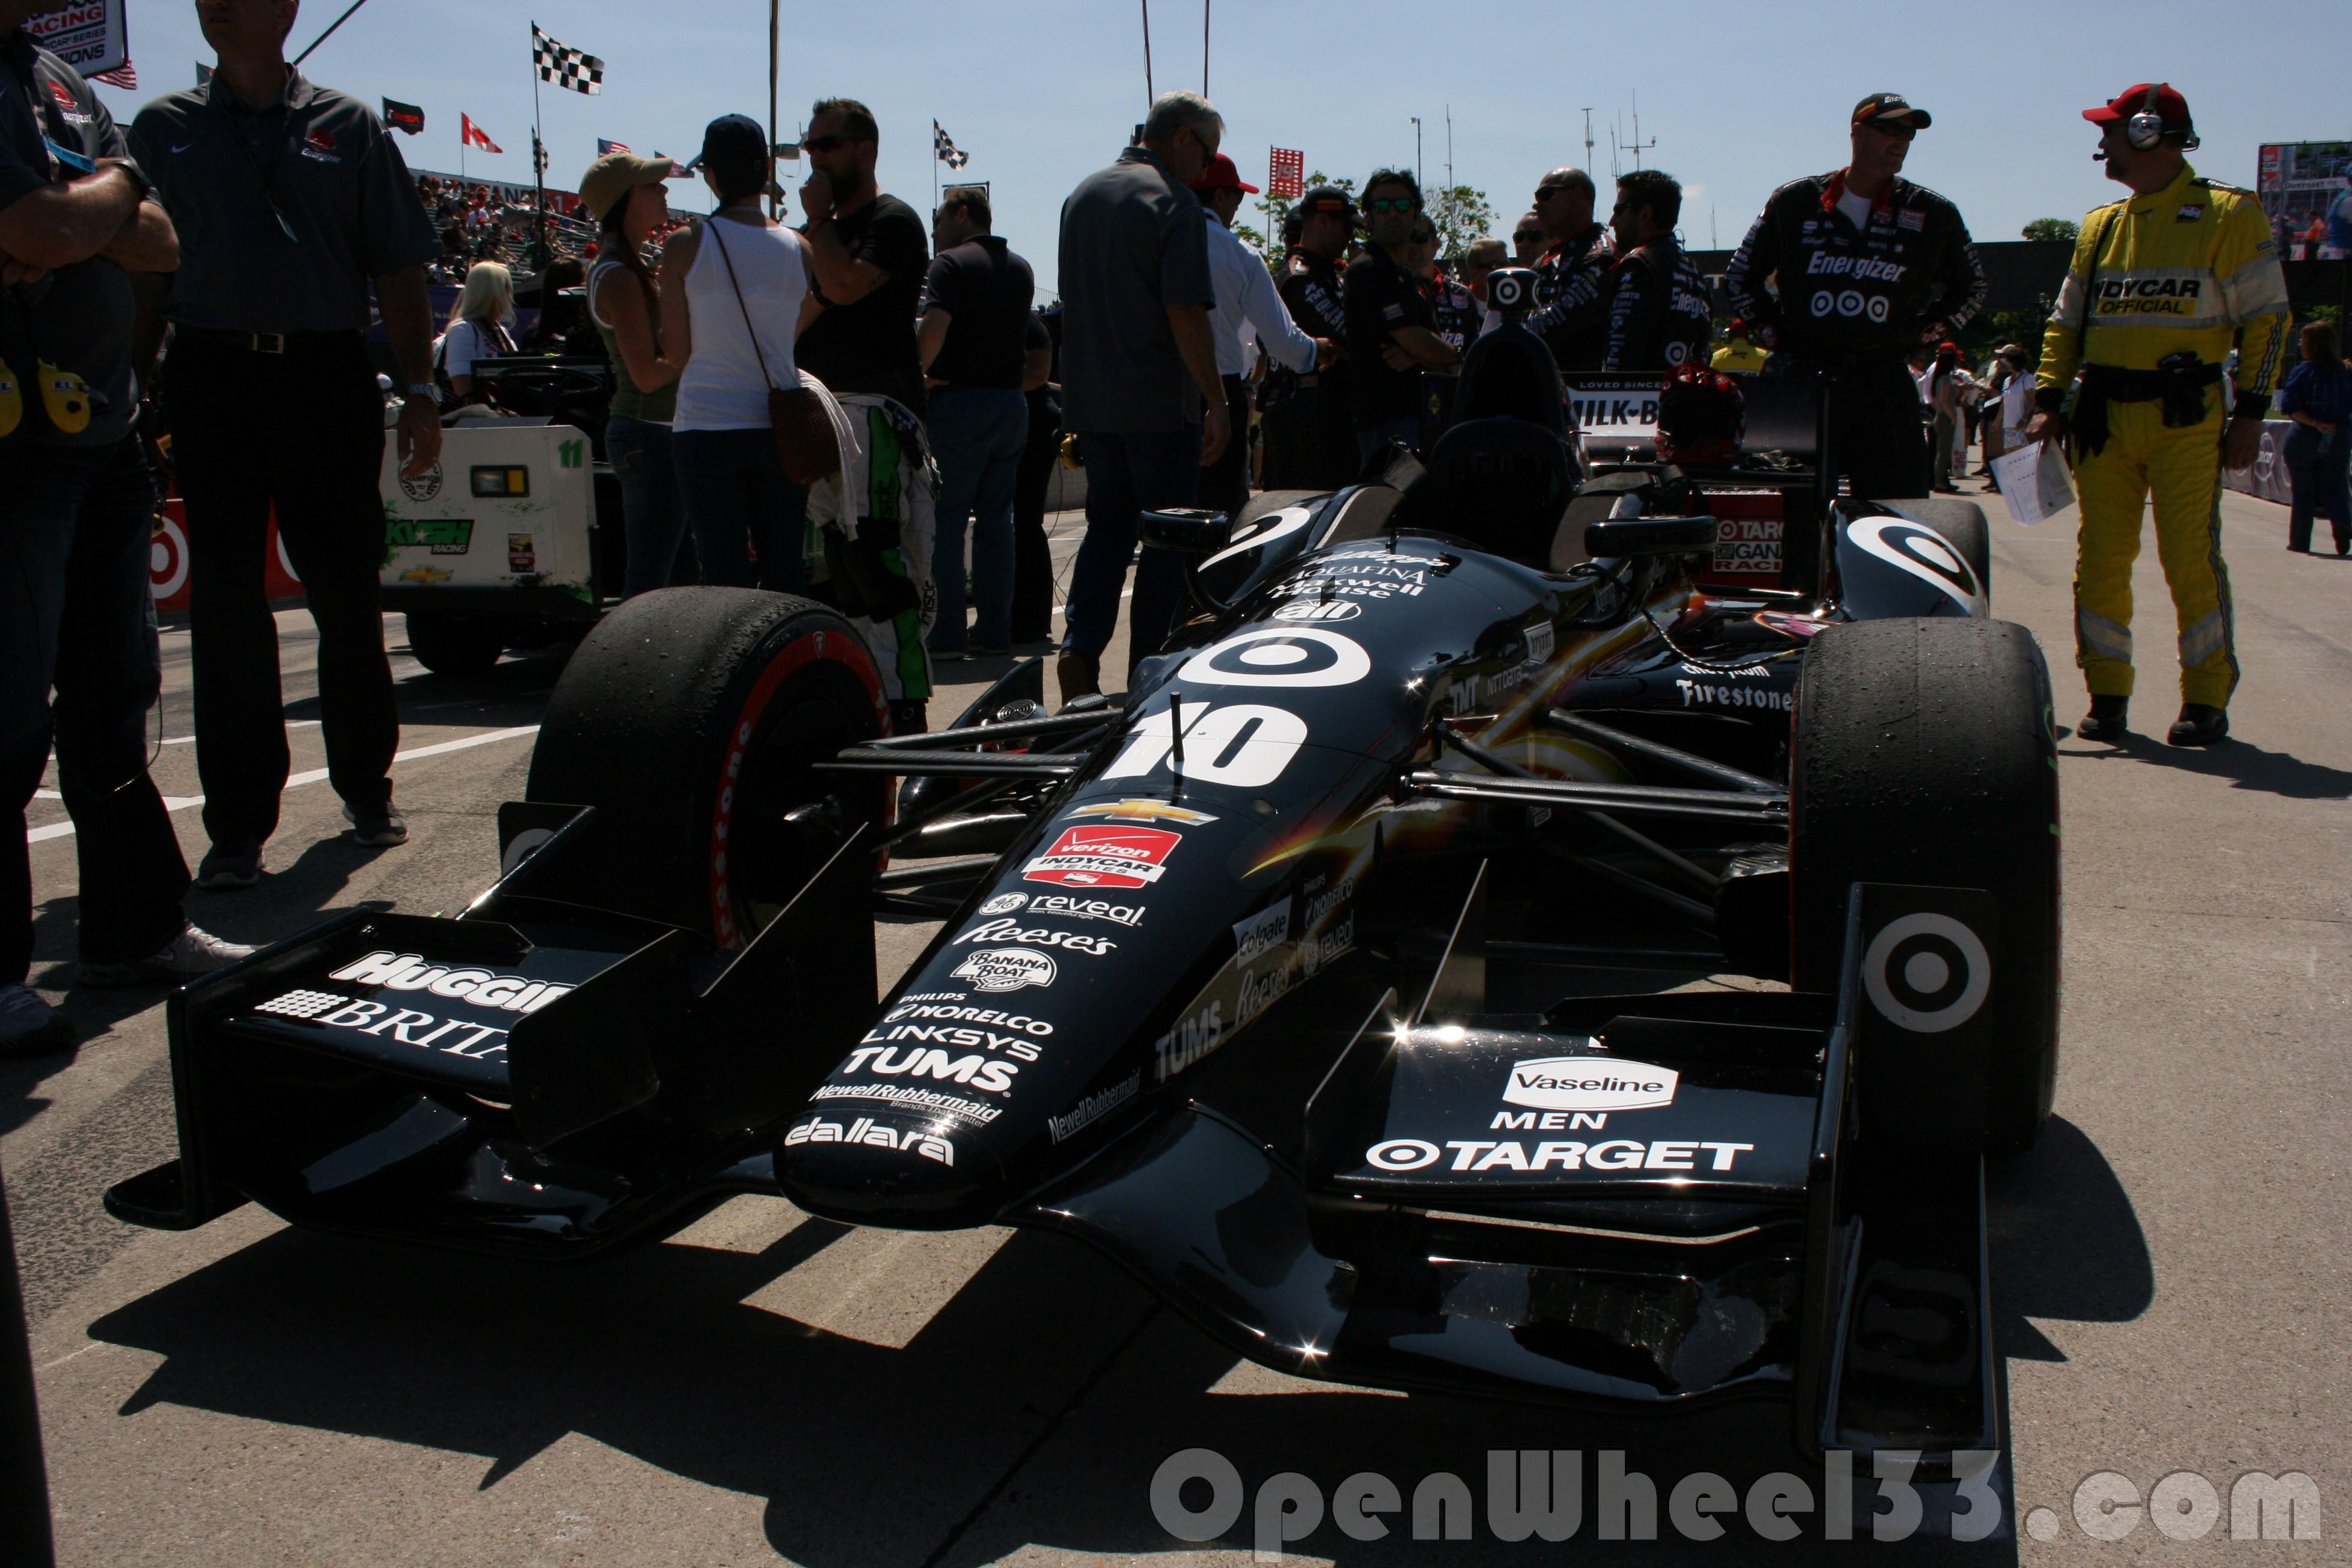 2014 Detroit GP R1 - 10 - PH